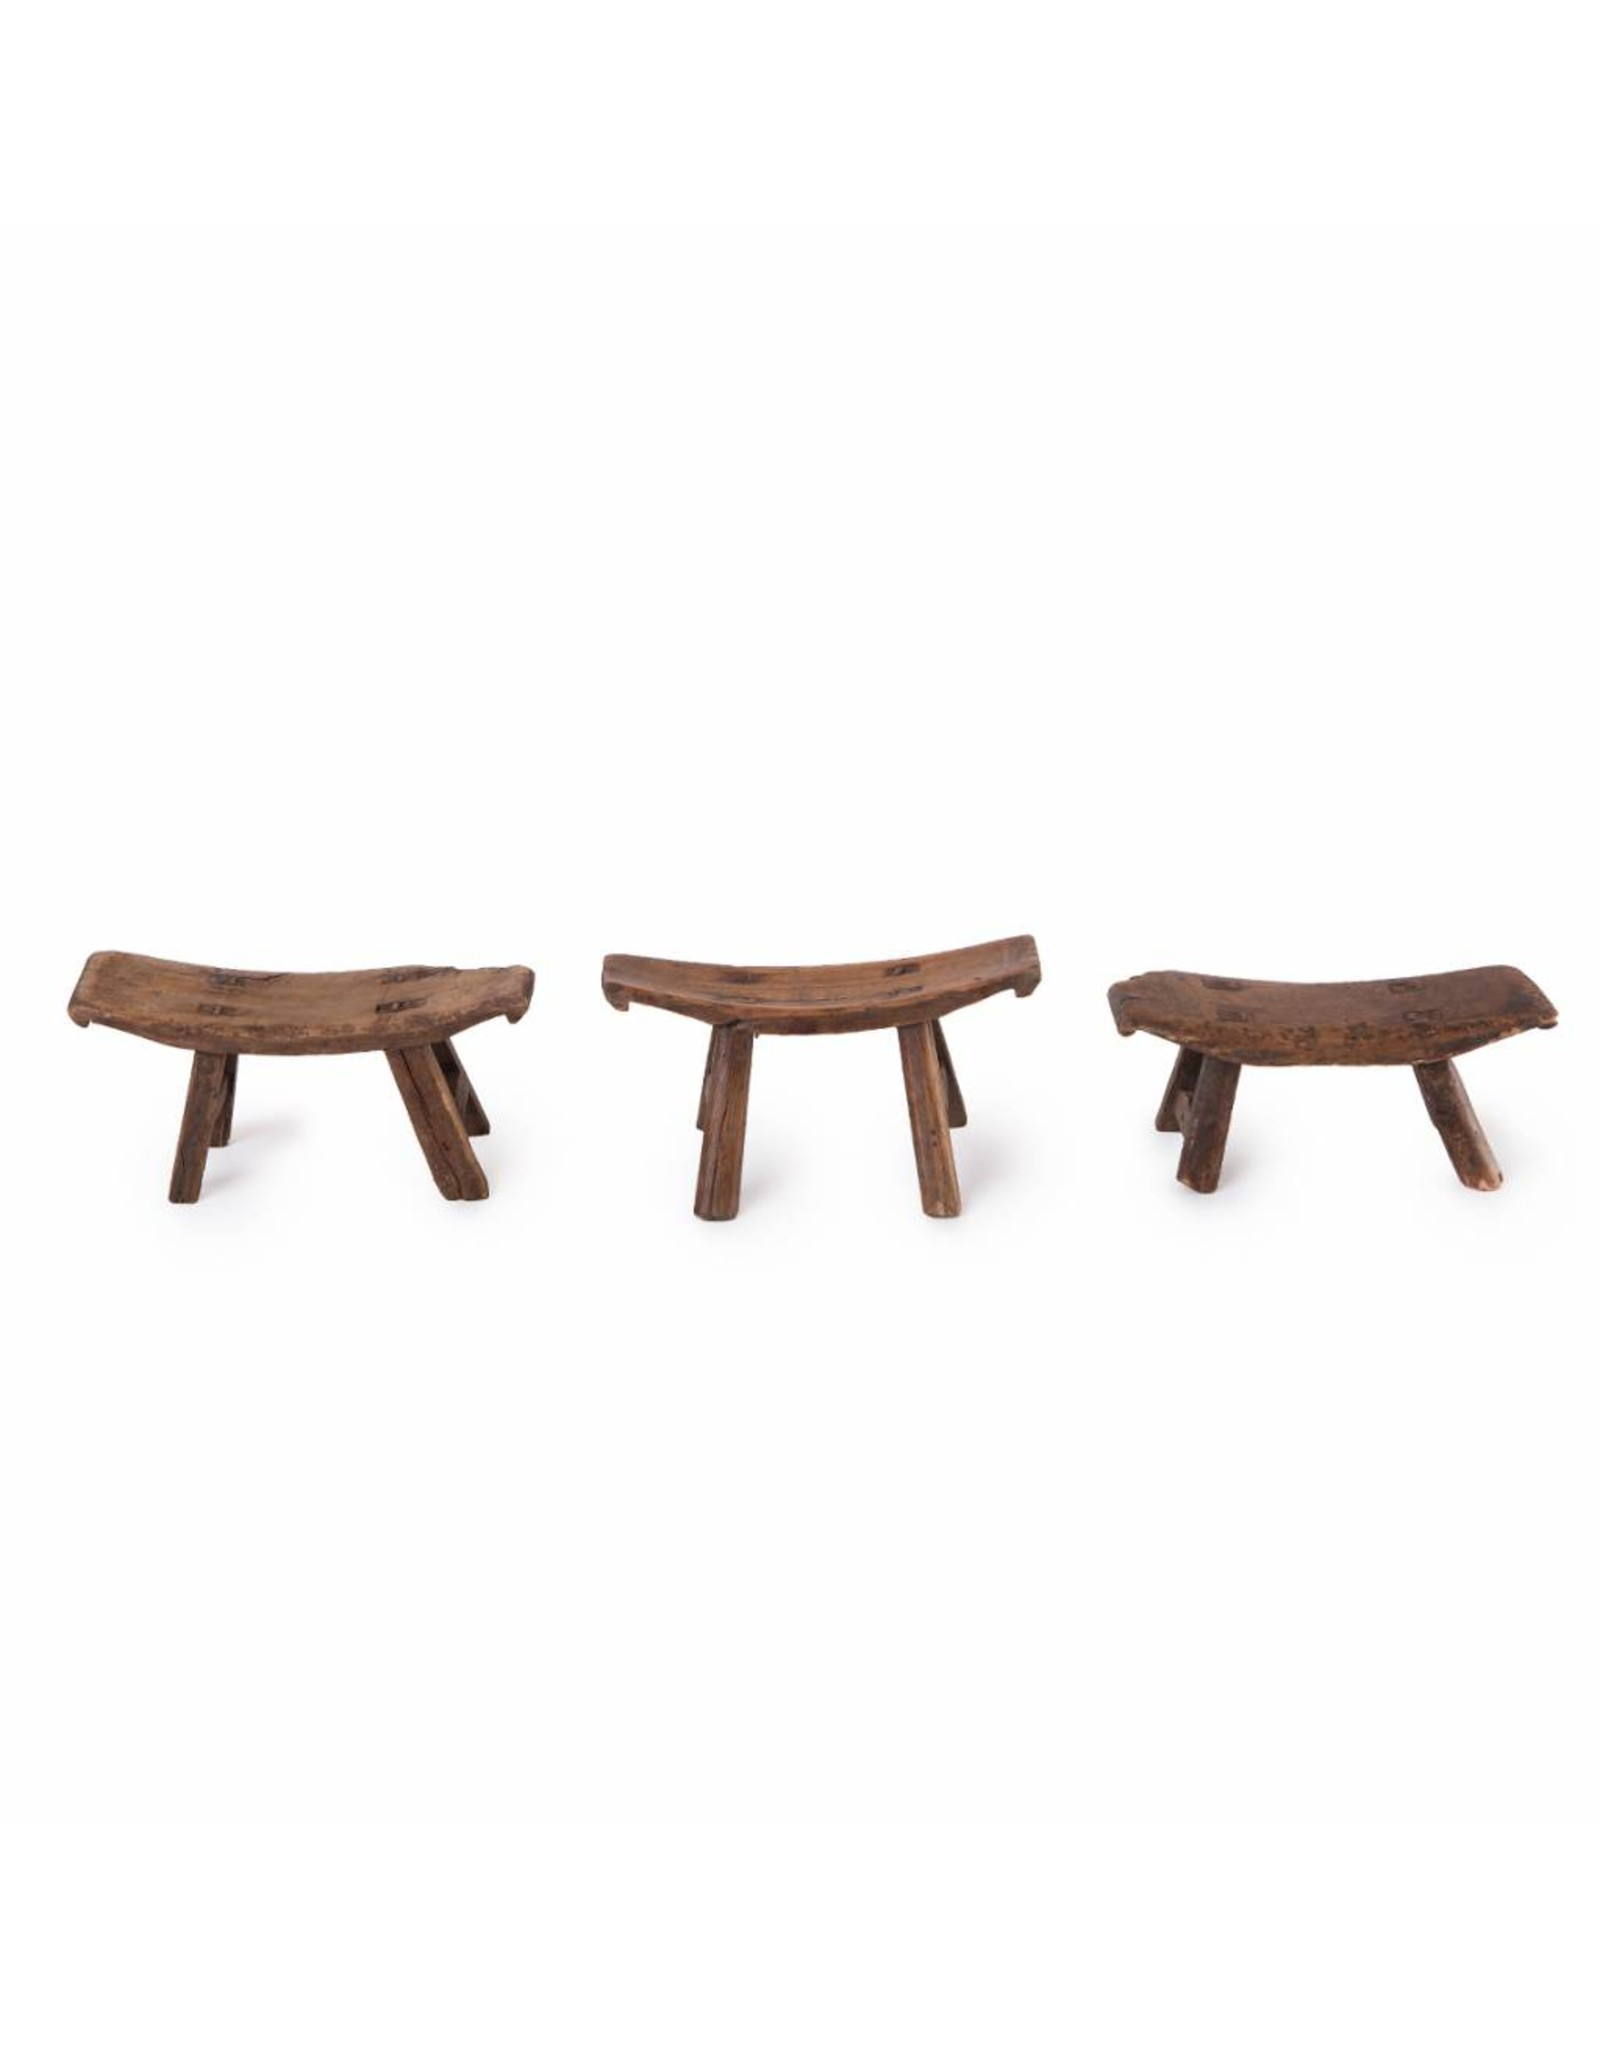 Chinees oud mini houten krukje